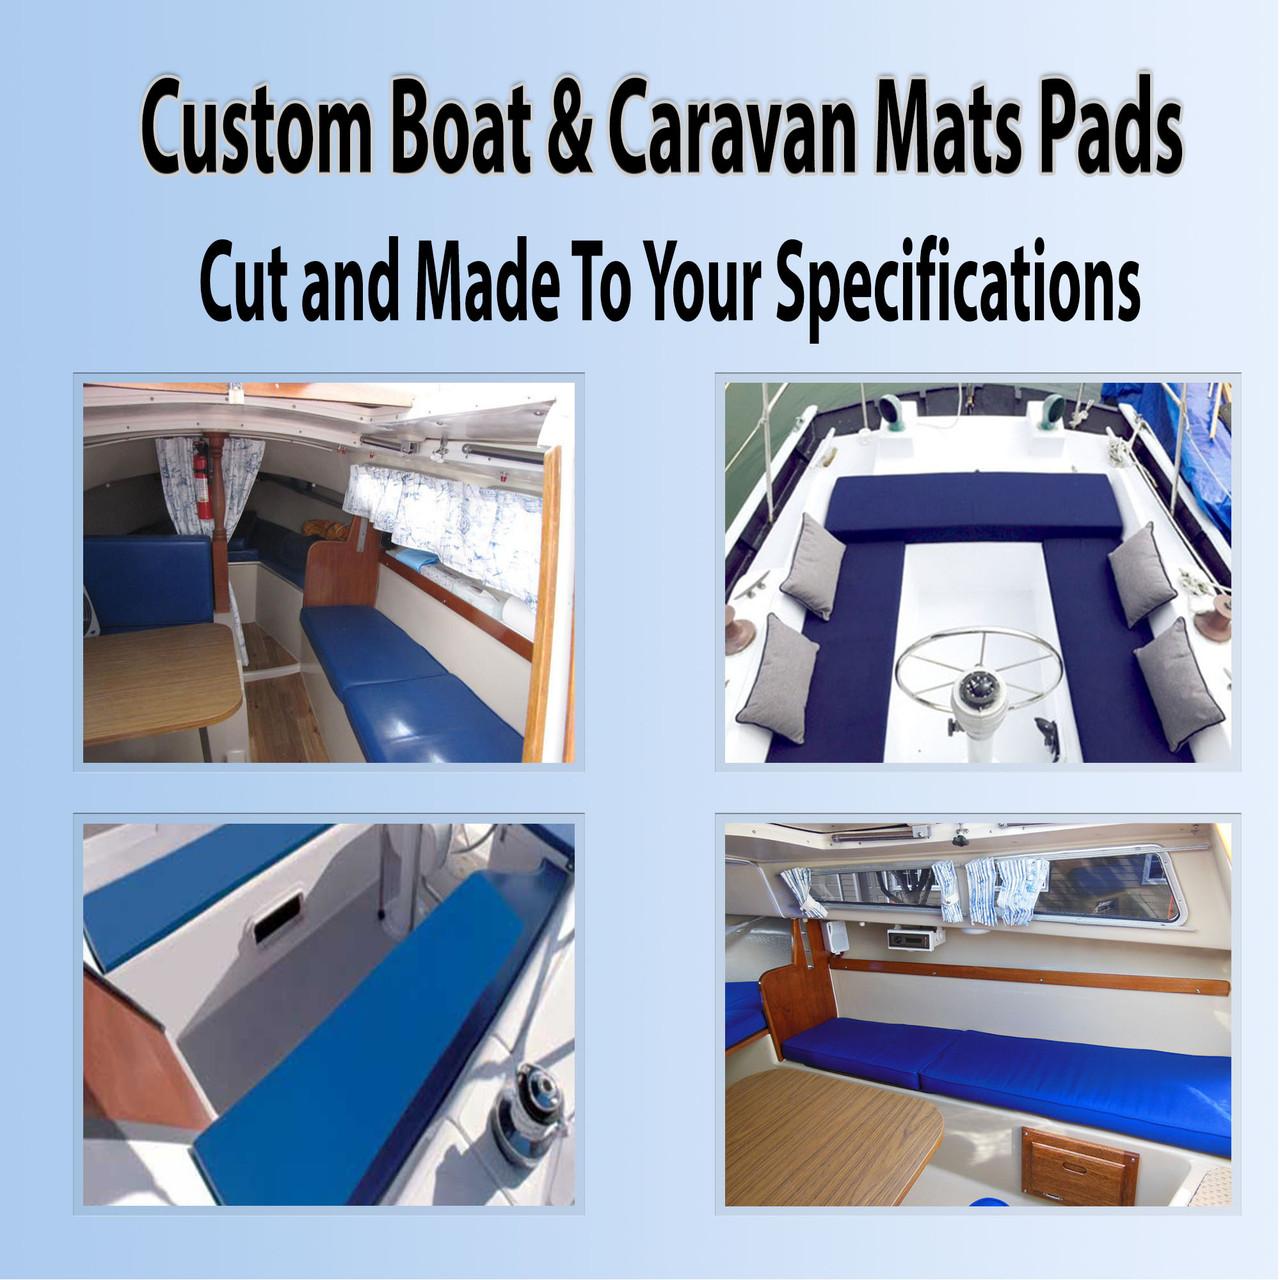 Custom-Caravan-boat-pads-cut-to-size